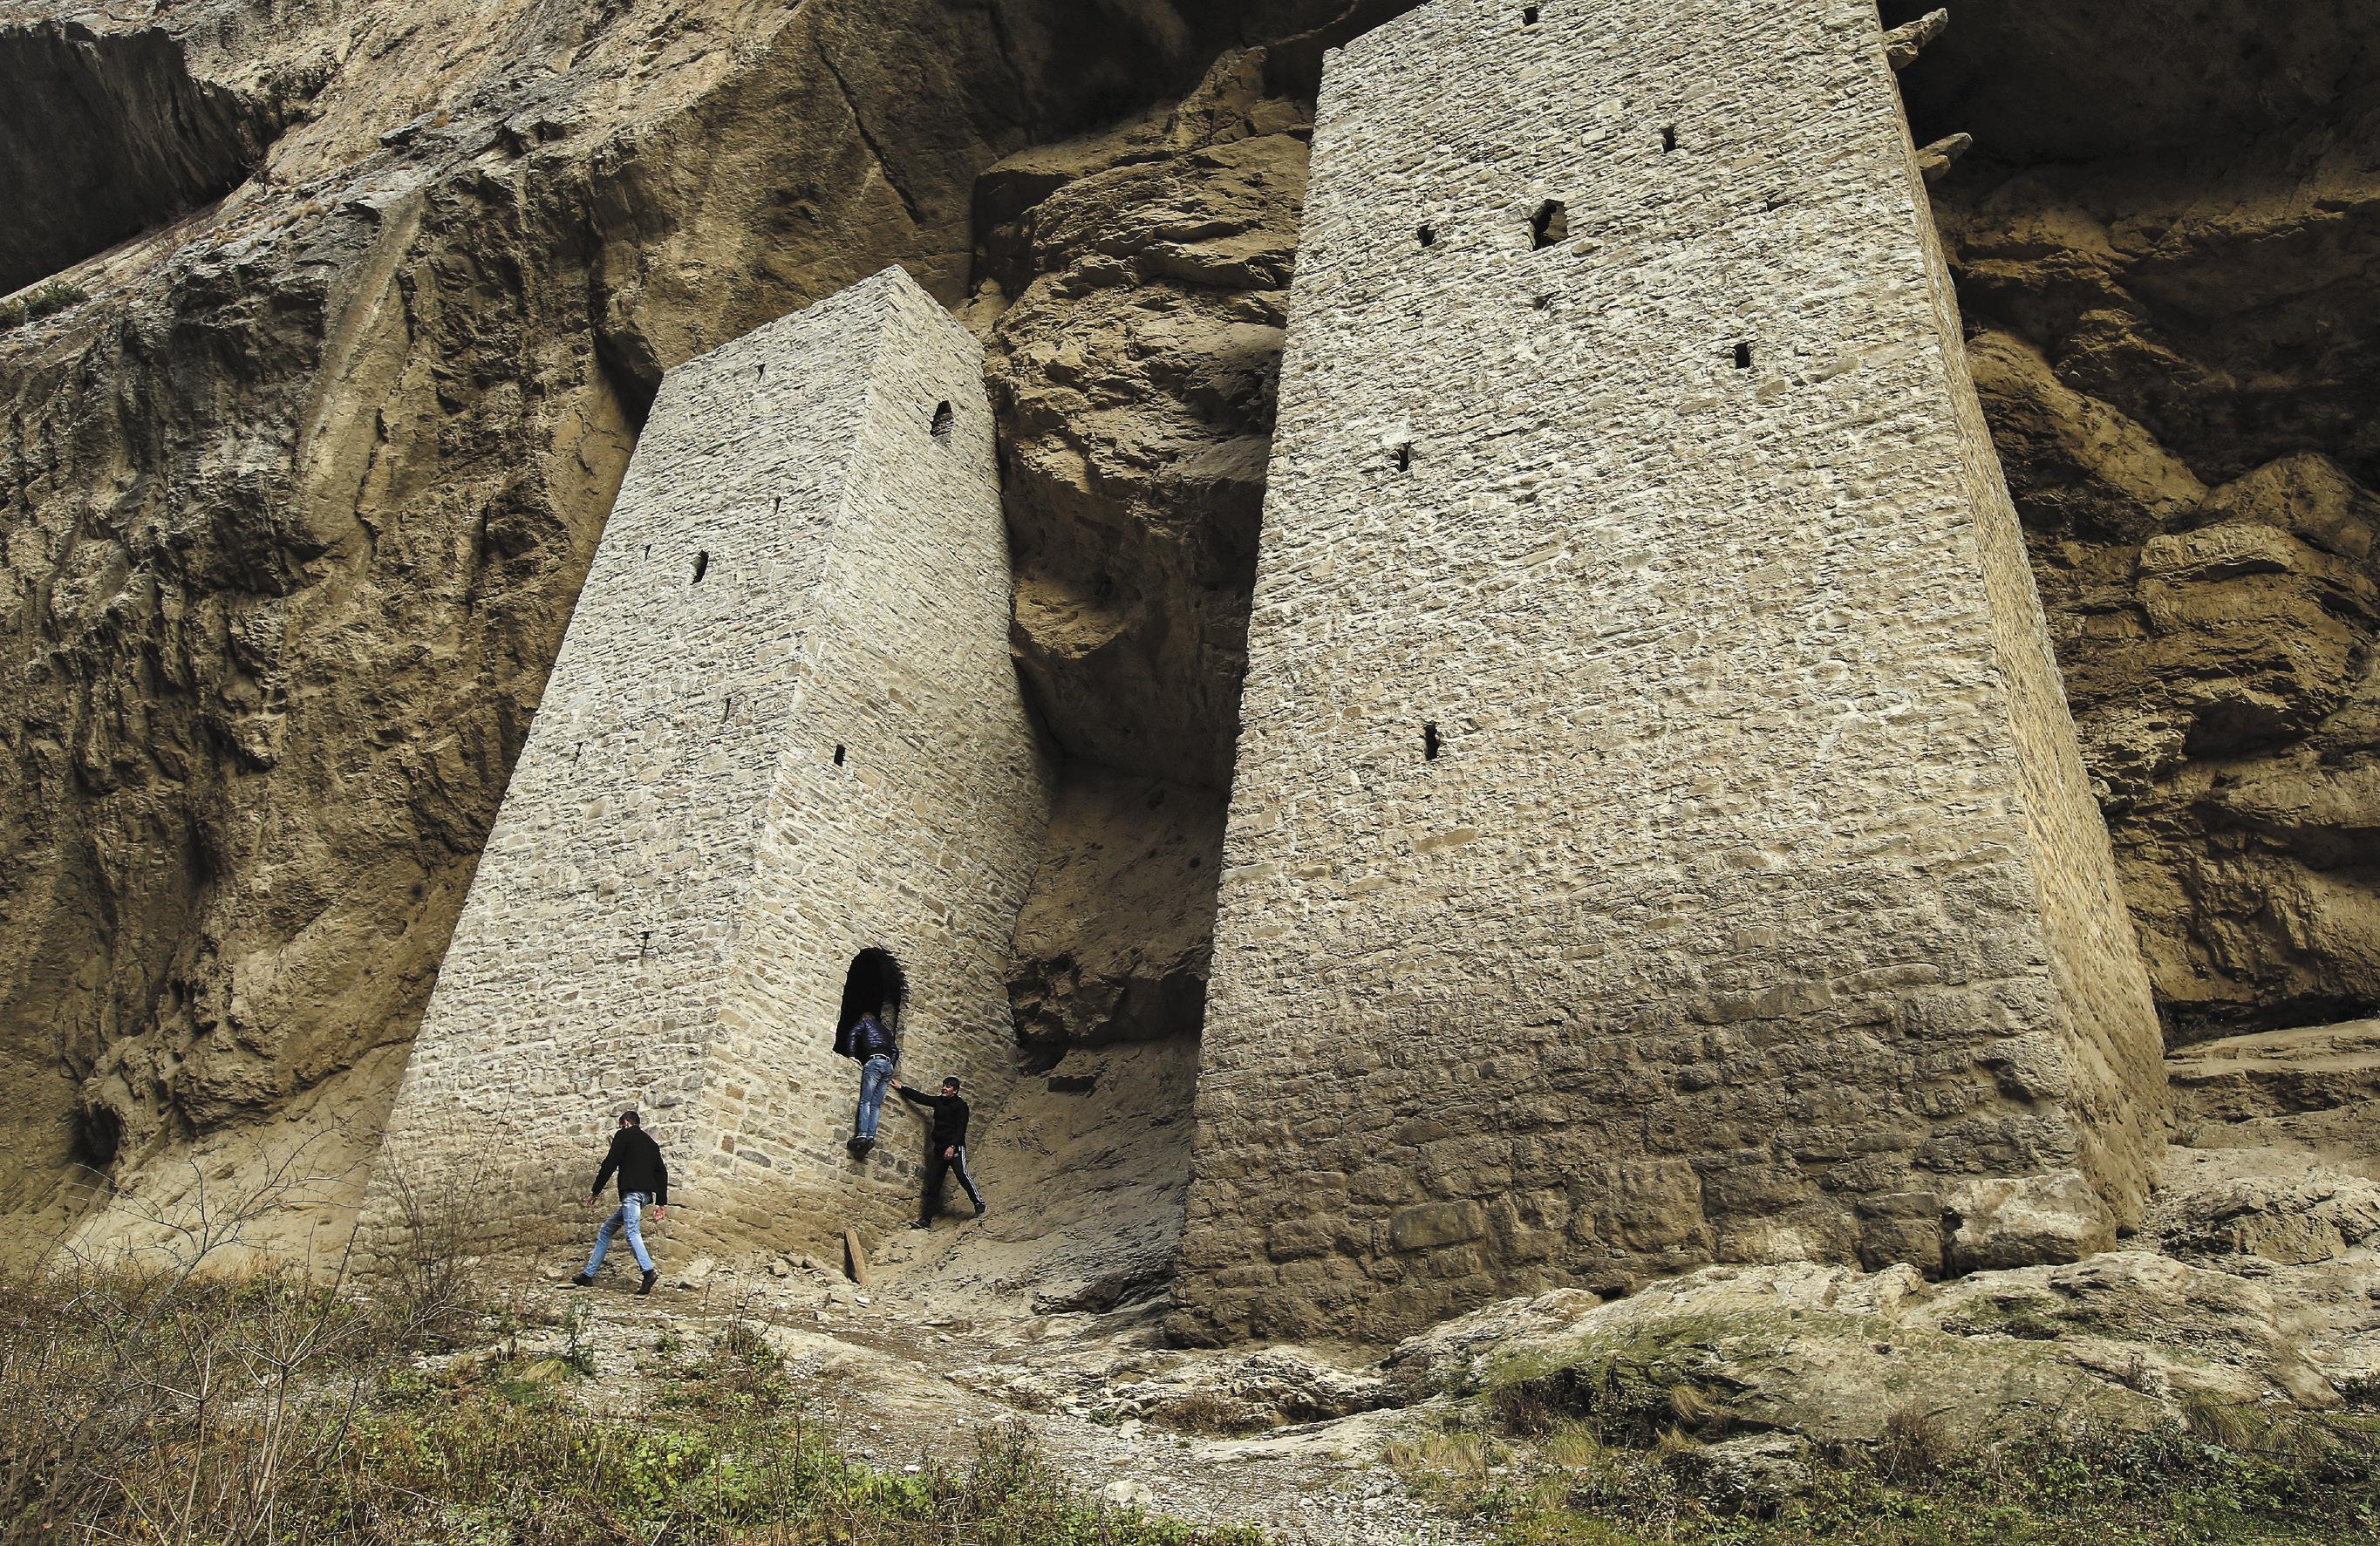 Ушкалойские башни-близнецы расположены в самом узком месте Аргунского ущелья. Башни построены примерно в ХI–ХII вв. нашей эры для контроля дороги, проходившей в этих местах. В наше время башни были отреставрированы, и являются одной из главных исторических достопримечательностей Чеченской Республики.